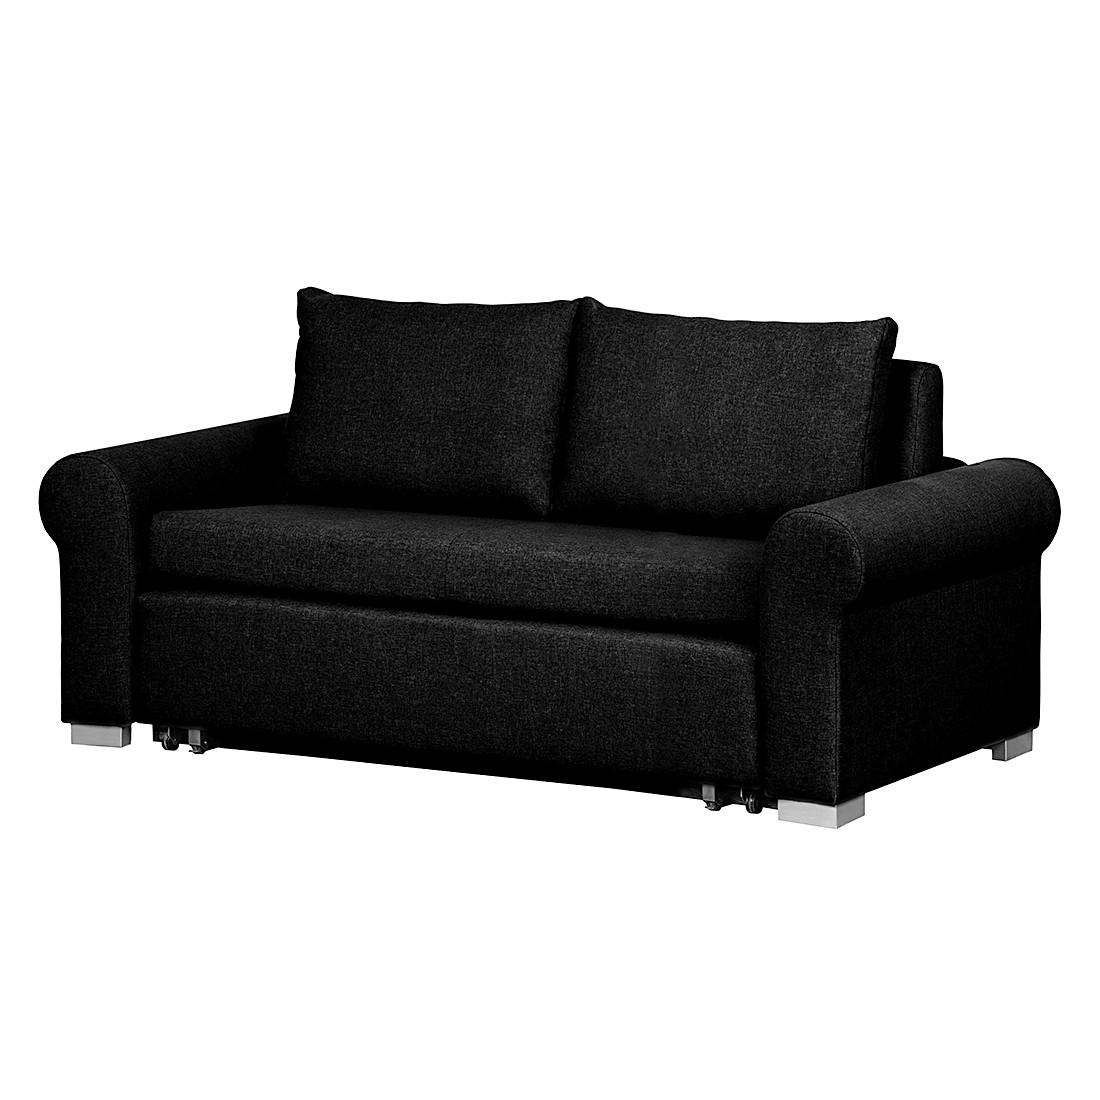 Schlafsofa Latina Country – Webstoff Schwarz – Breite: 205 cm, roomscape jetzt bestellen